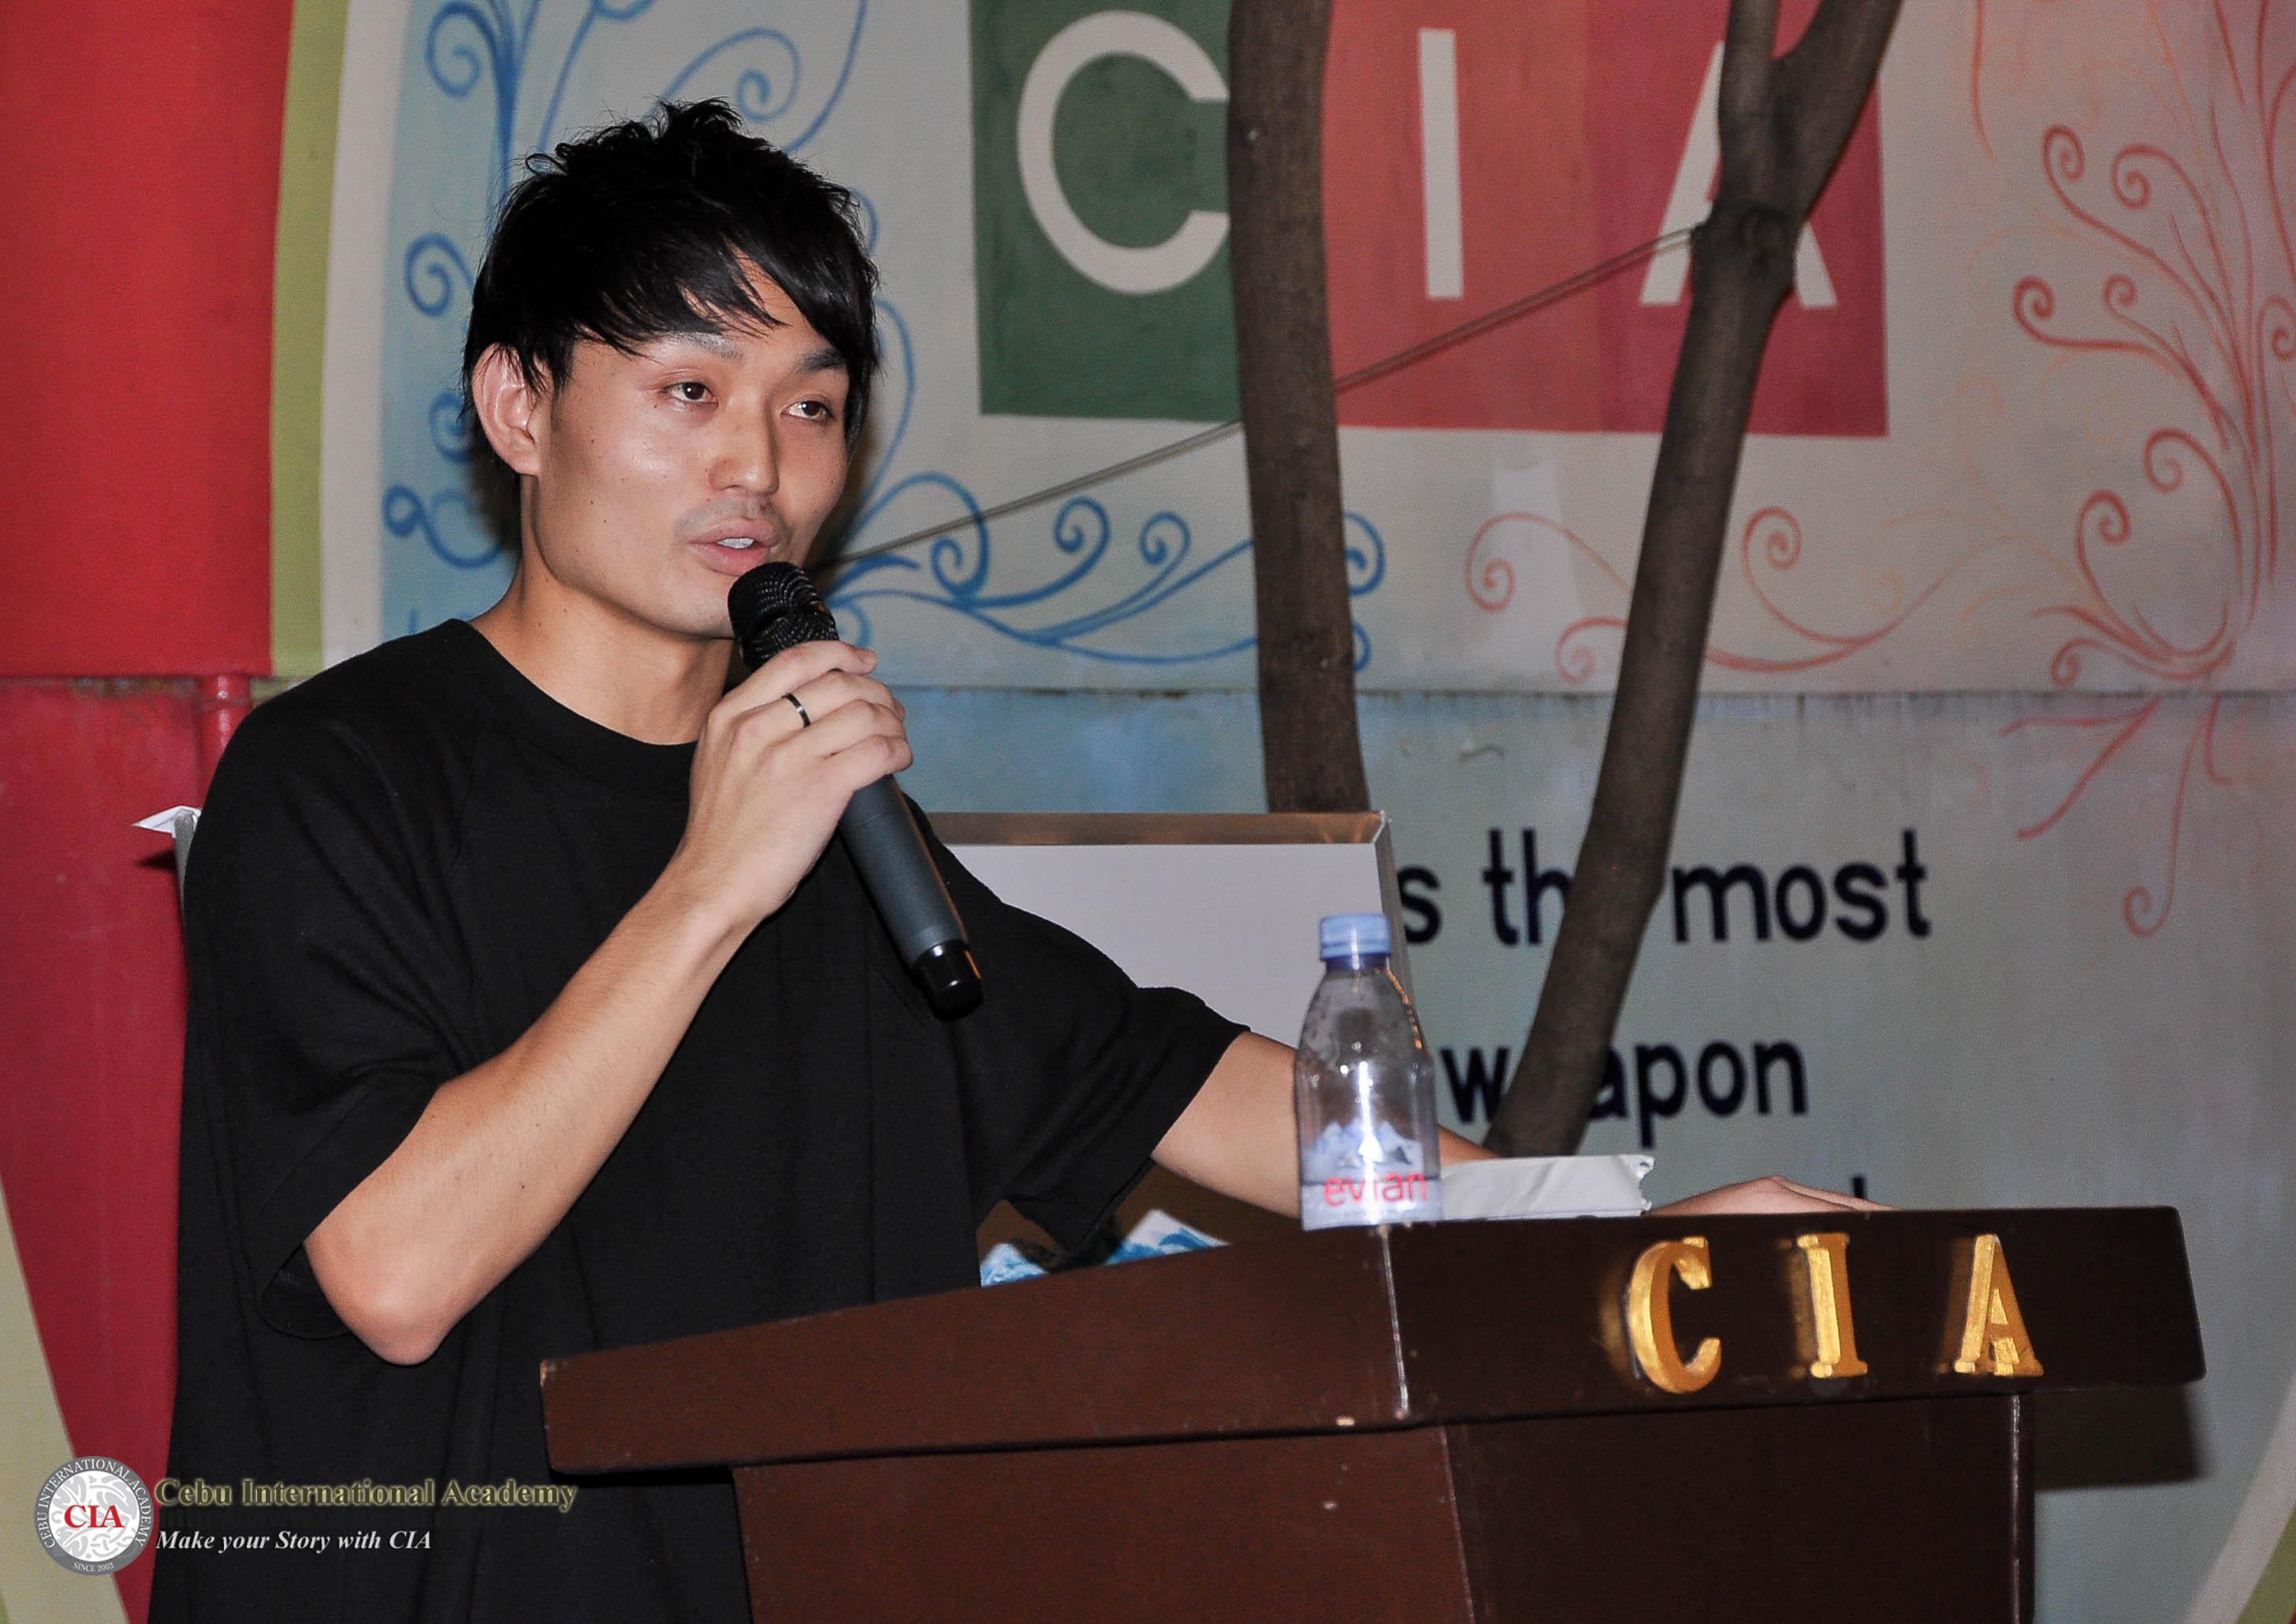 Đại diện học viên đến từ Nhật Bản lên phát biểu